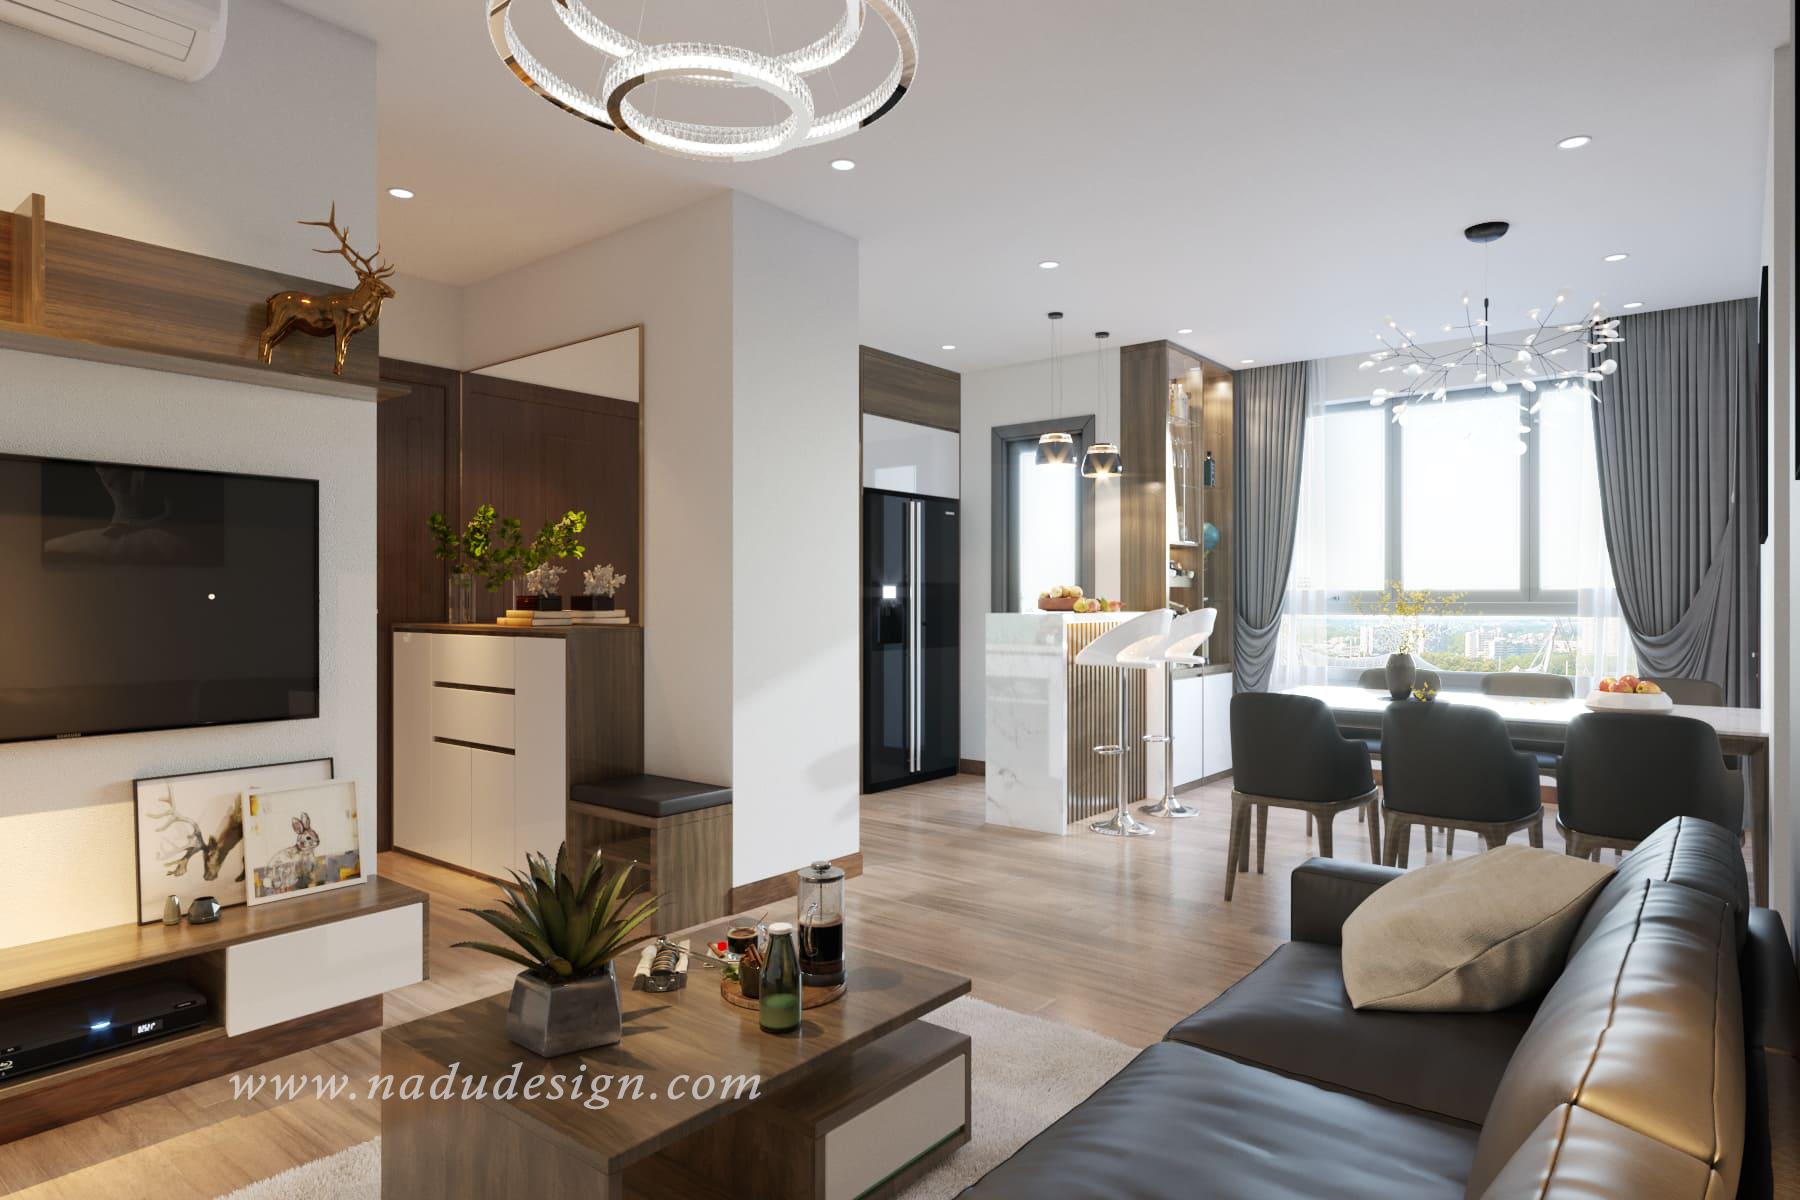 Thiết kế nội thất chung cư Gelexia Riverside tận dụng nguồn sáng tự nhiên